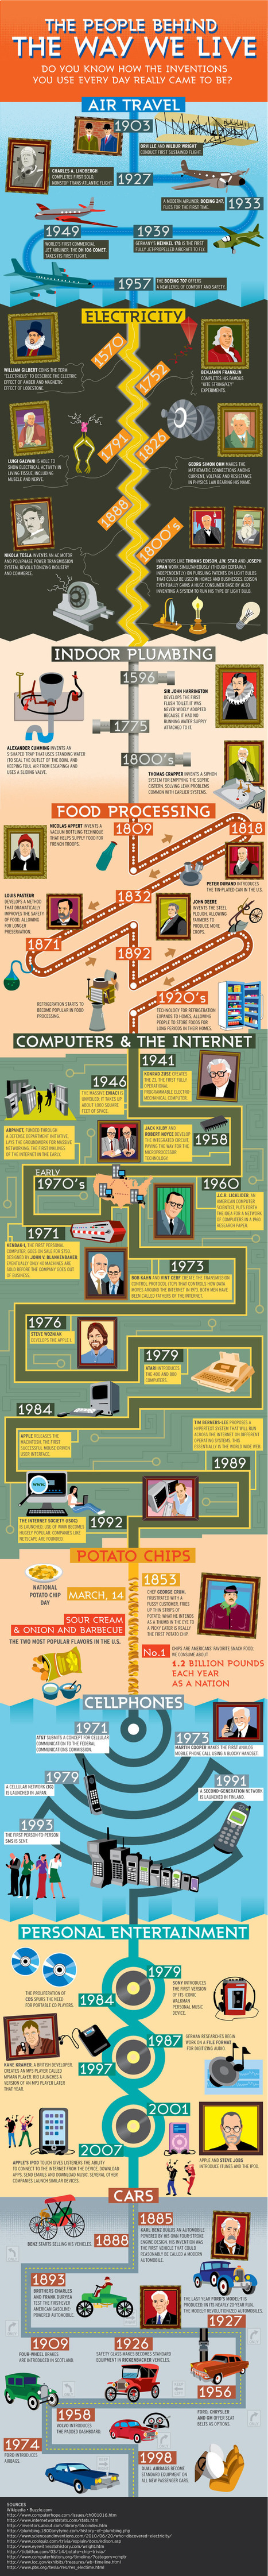 ¿Sabes de donde vienen los inventos que usamos a diario? #infografia#infographic | Educación, Tic y más | Scoop.it